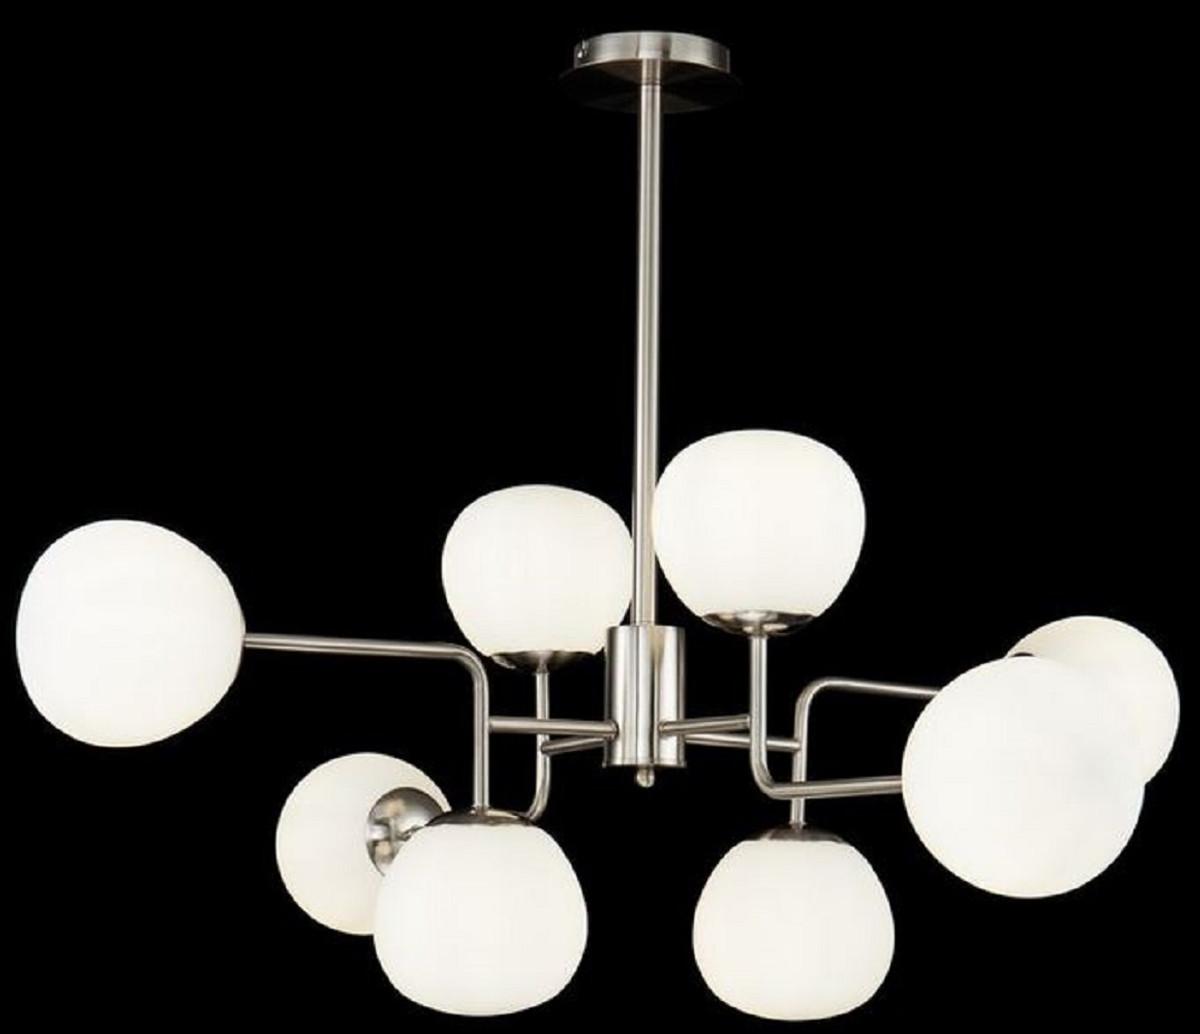 Casa Padrino Kronleuchter Silber / Weiß Ø 96 x H. 26,5 cm - Moderner Kronleuchter mit runden Mattglas Lampenschirmen 2